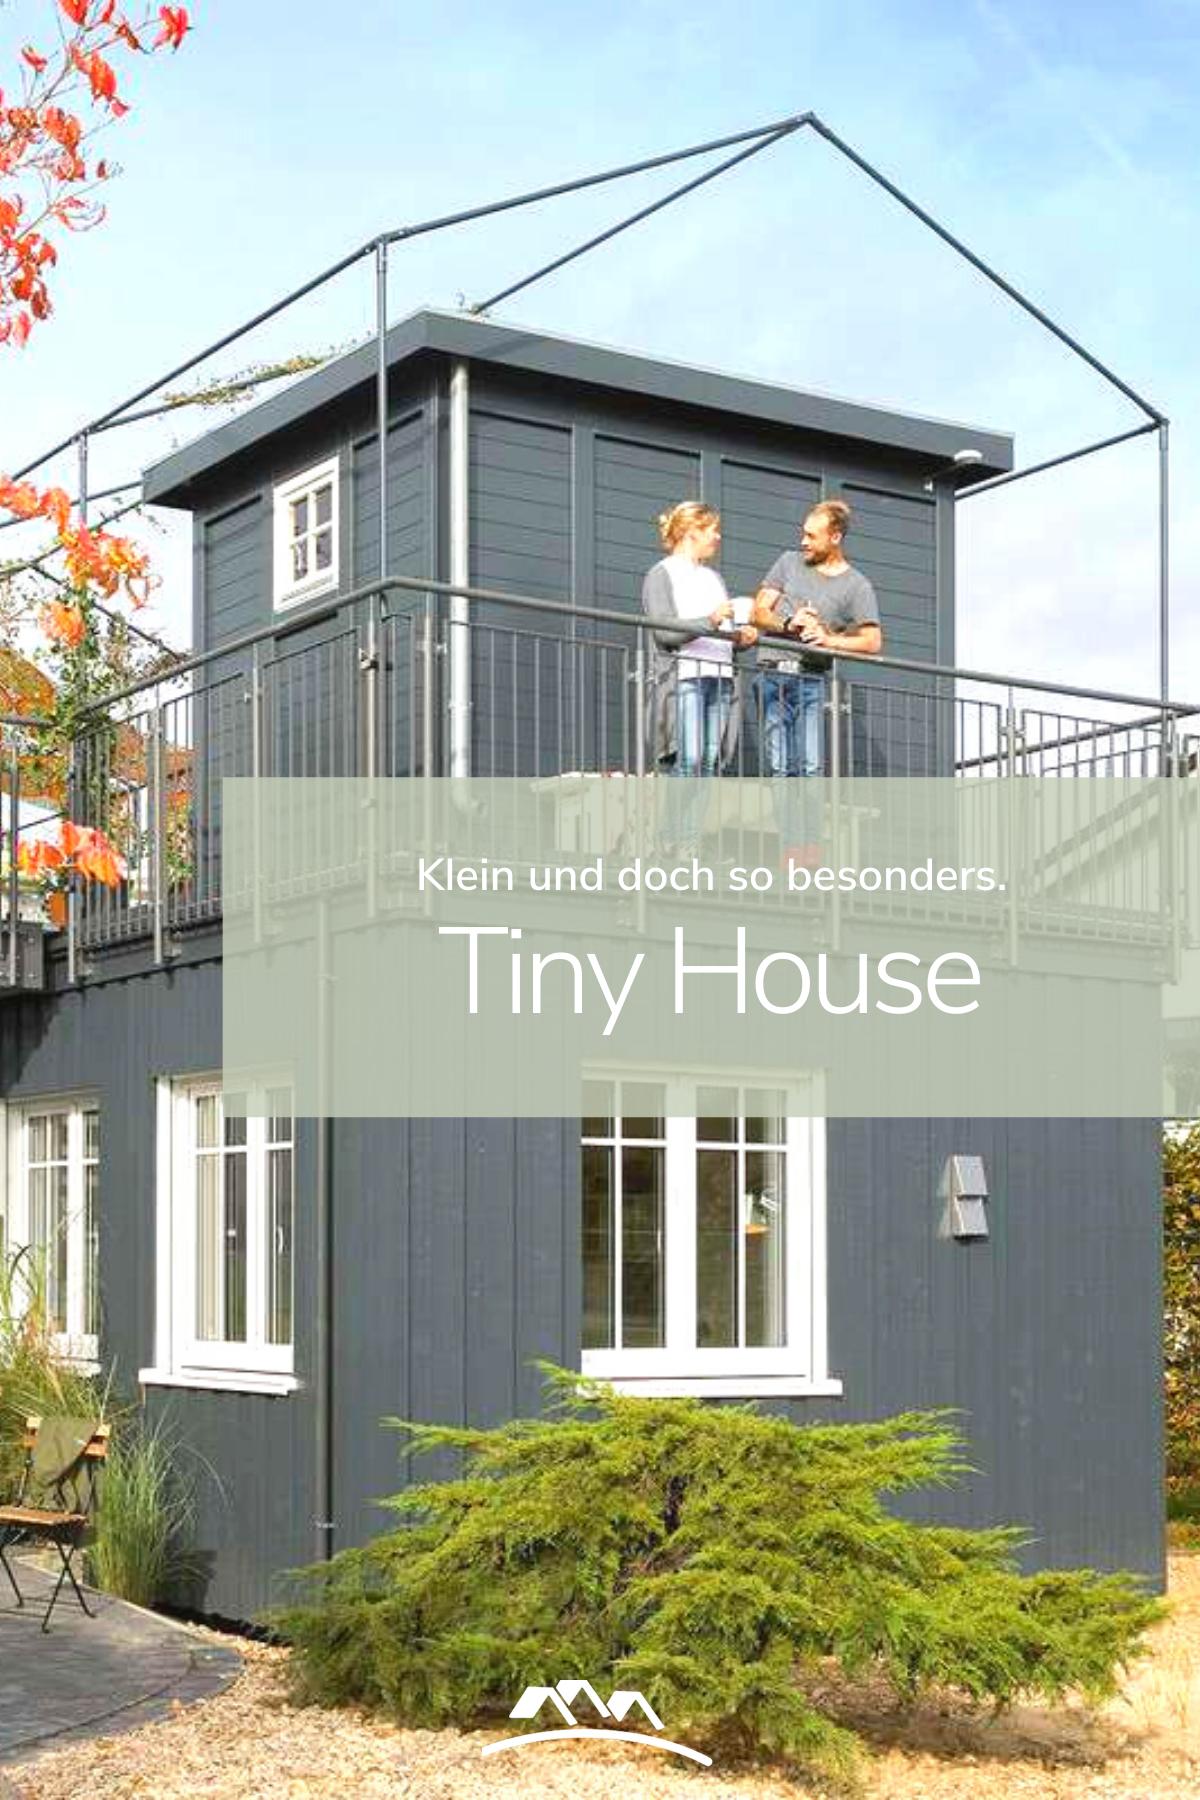 Tiny House als Mini Fertighaus – Klein und doch so besonders ...